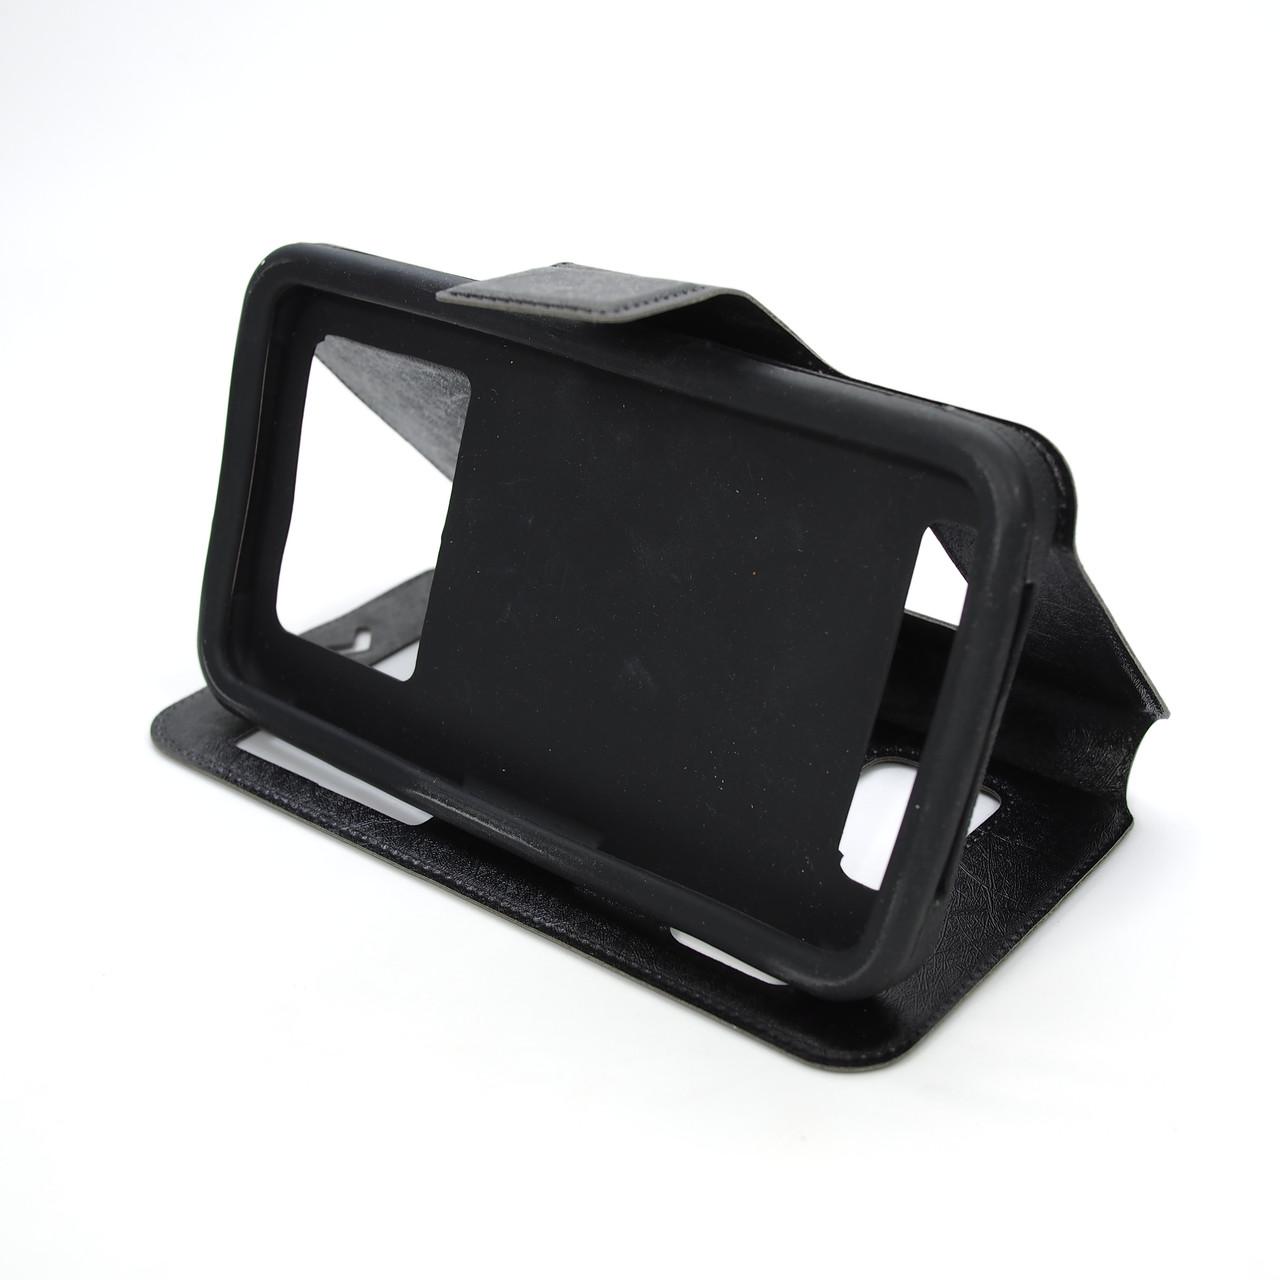 Чехол Universal Book Window 5.2-5.5 black Для телефона Черный Goospery